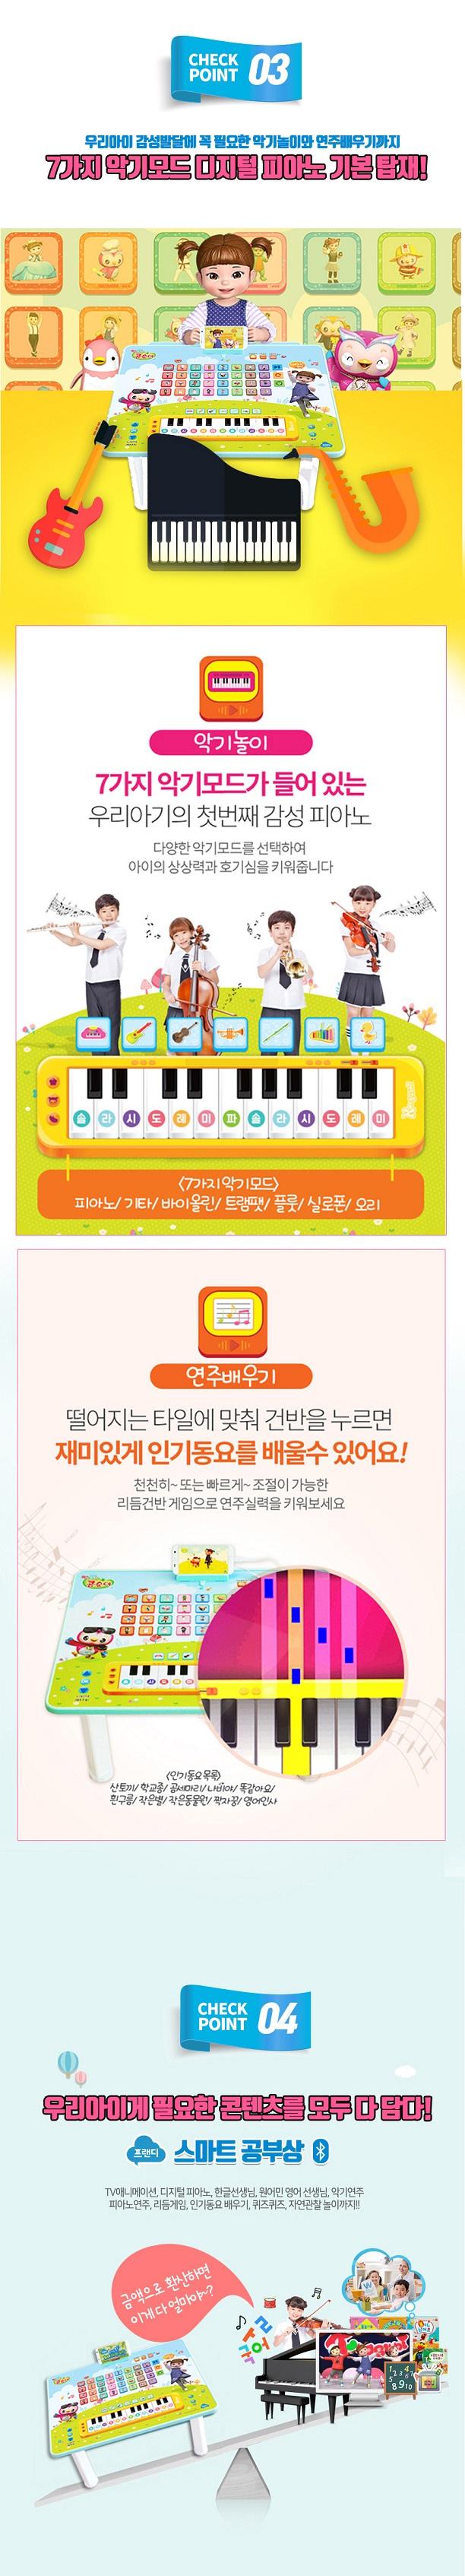 프랜디 스마트 공부상 - 프랜디, 89,000원, 교육완구, 학습교구